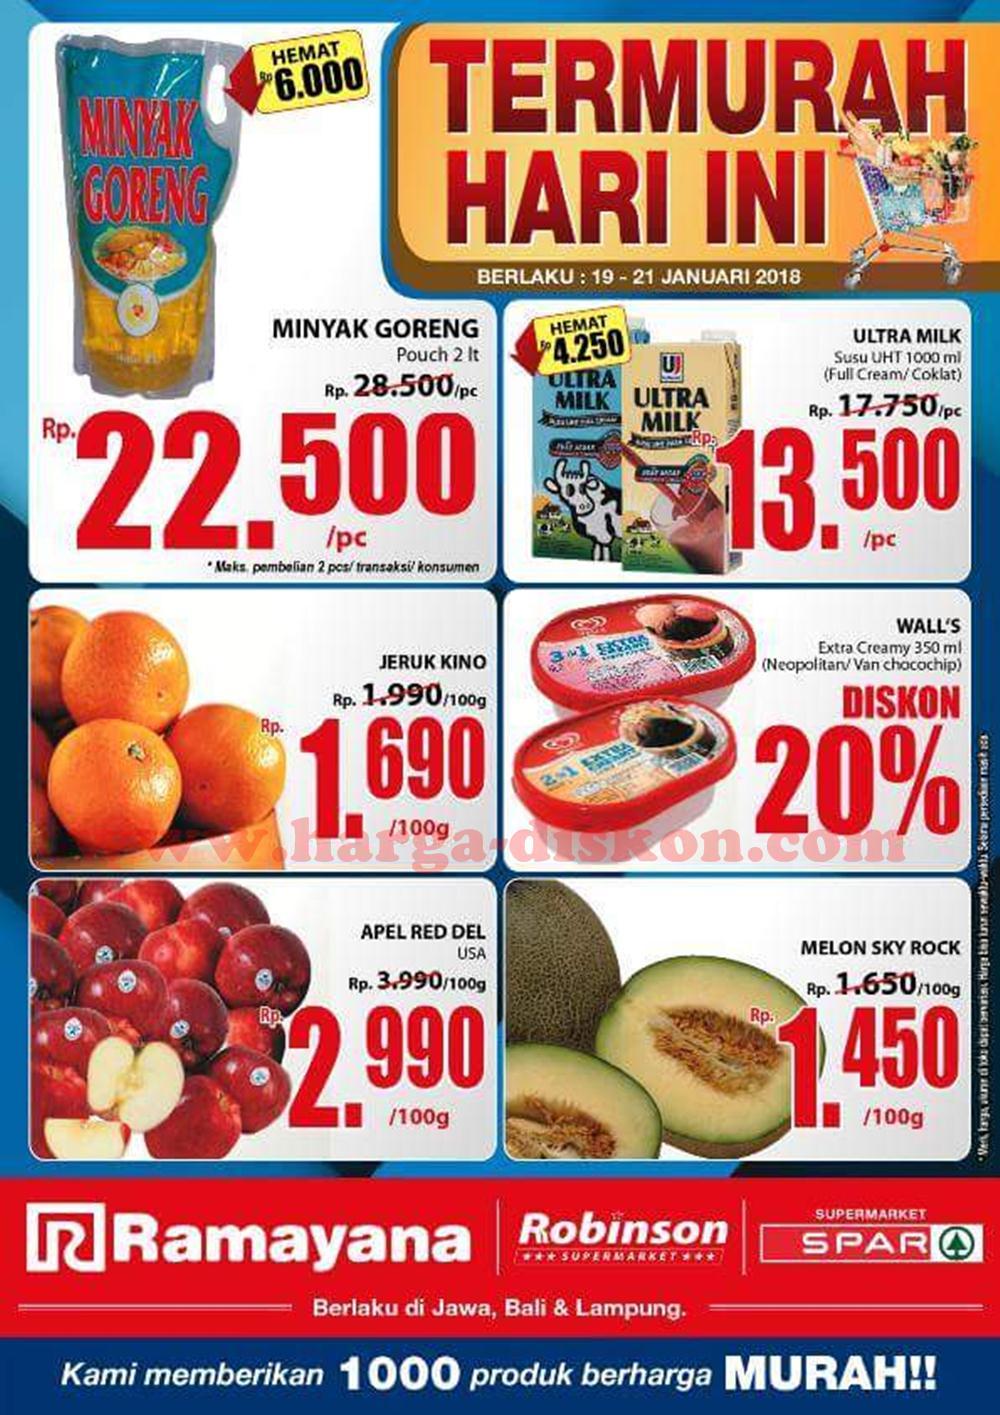 Katalog Promo Spar Supermarket Terbaru Akhir Pekan Periode 19 21 Januari 2018 Harga Diskon